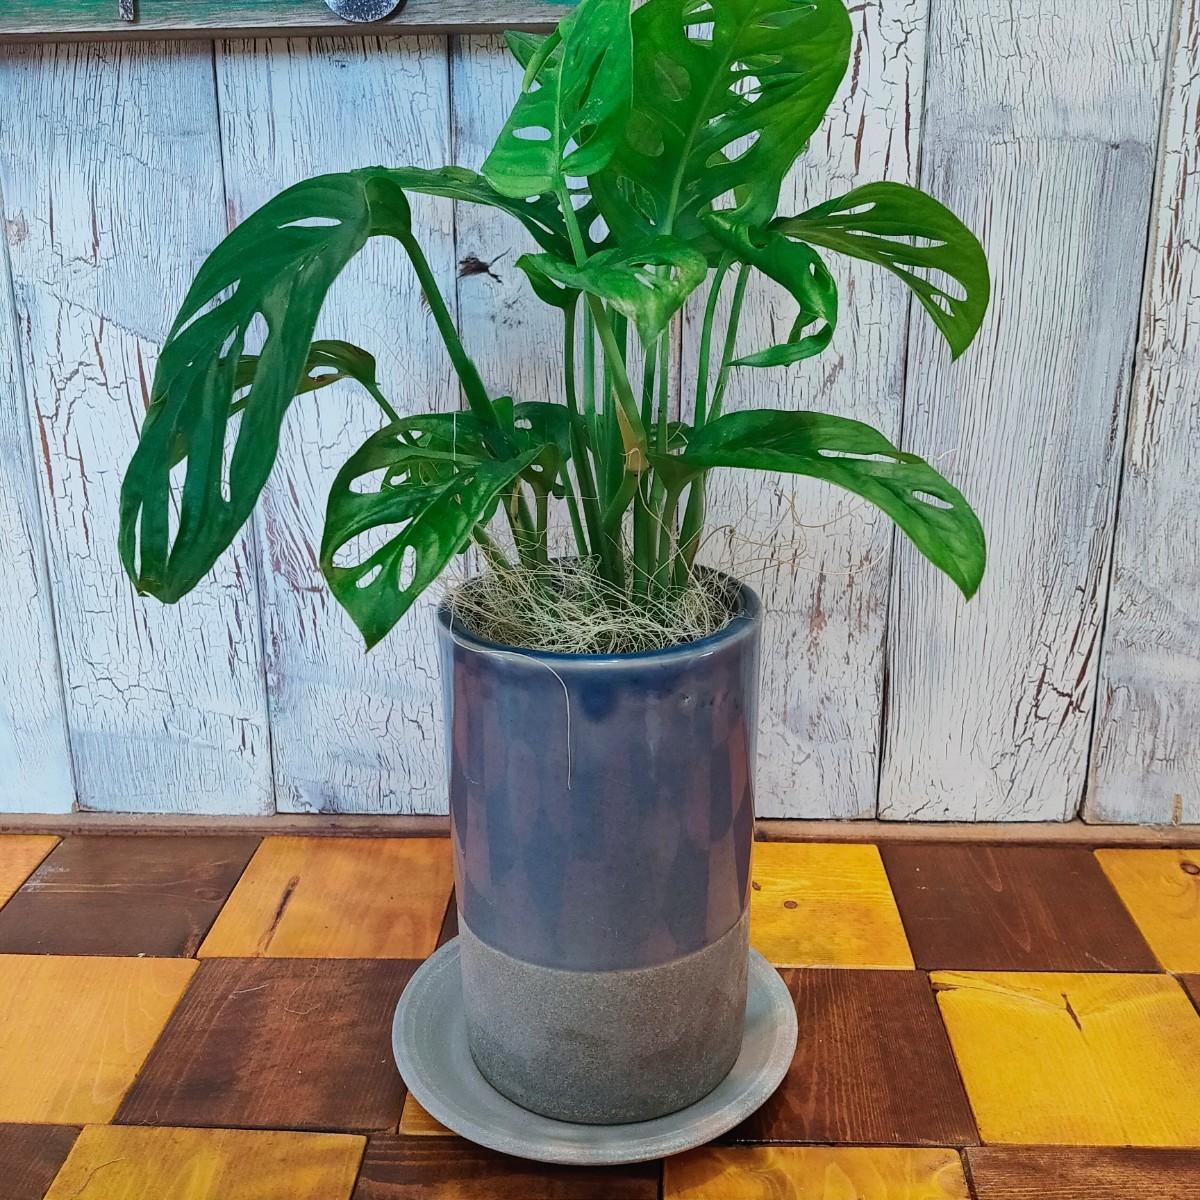 【観葉植物】マドカズラ 受皿付